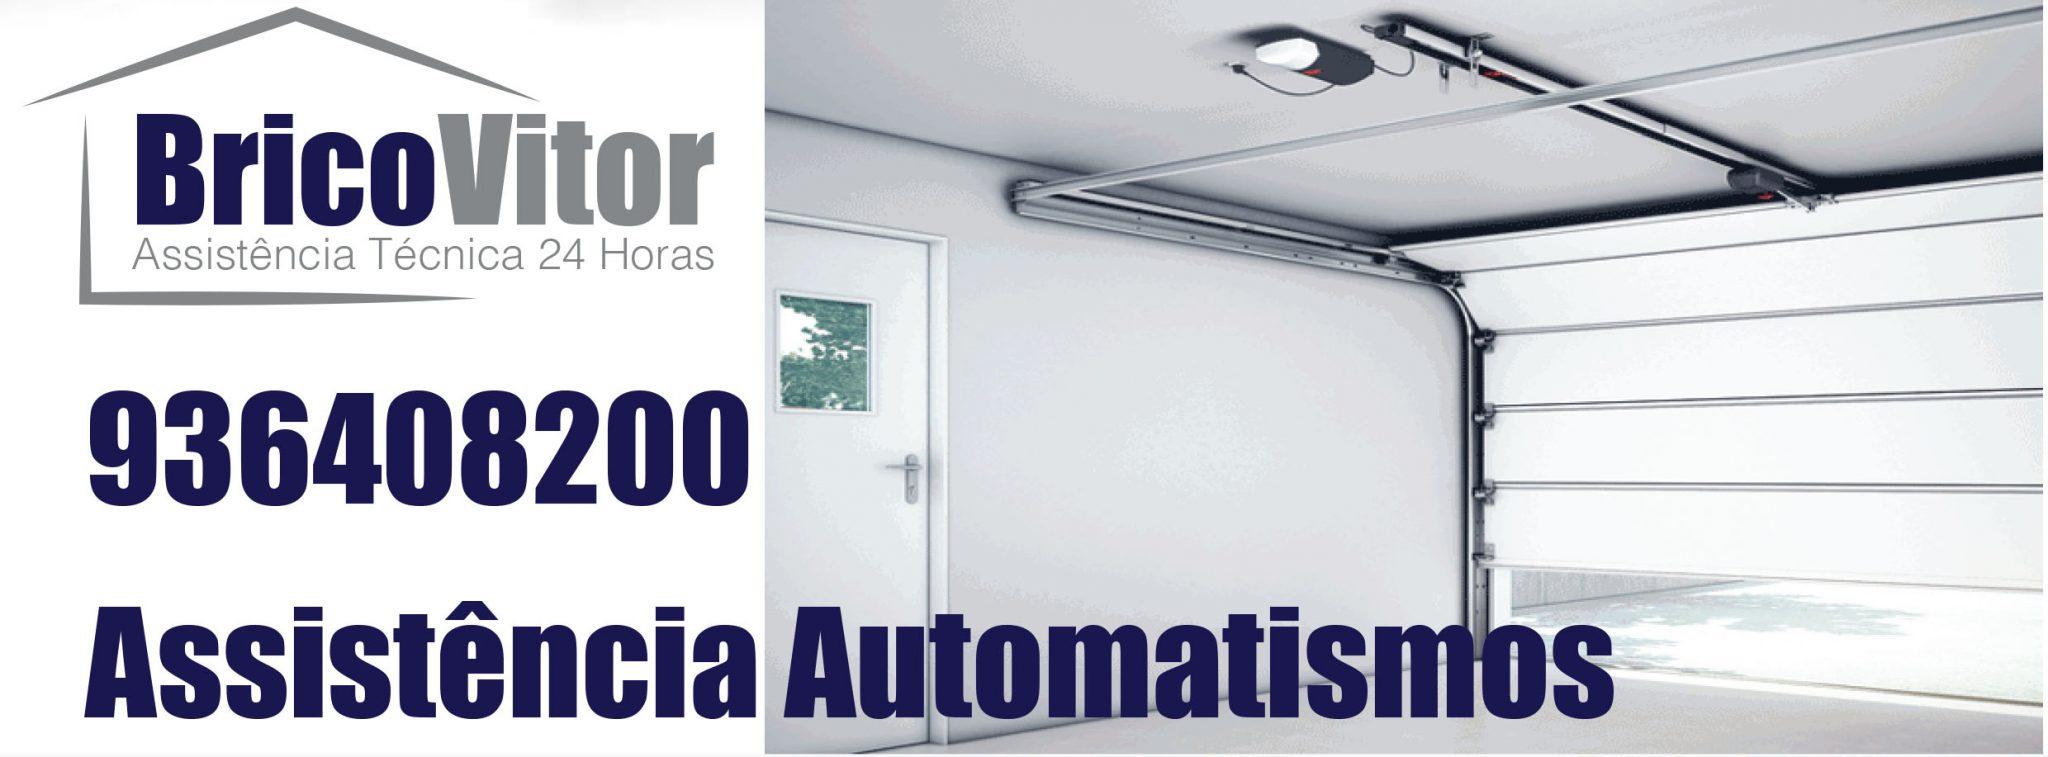 Empresa de assistência técnica automatismos